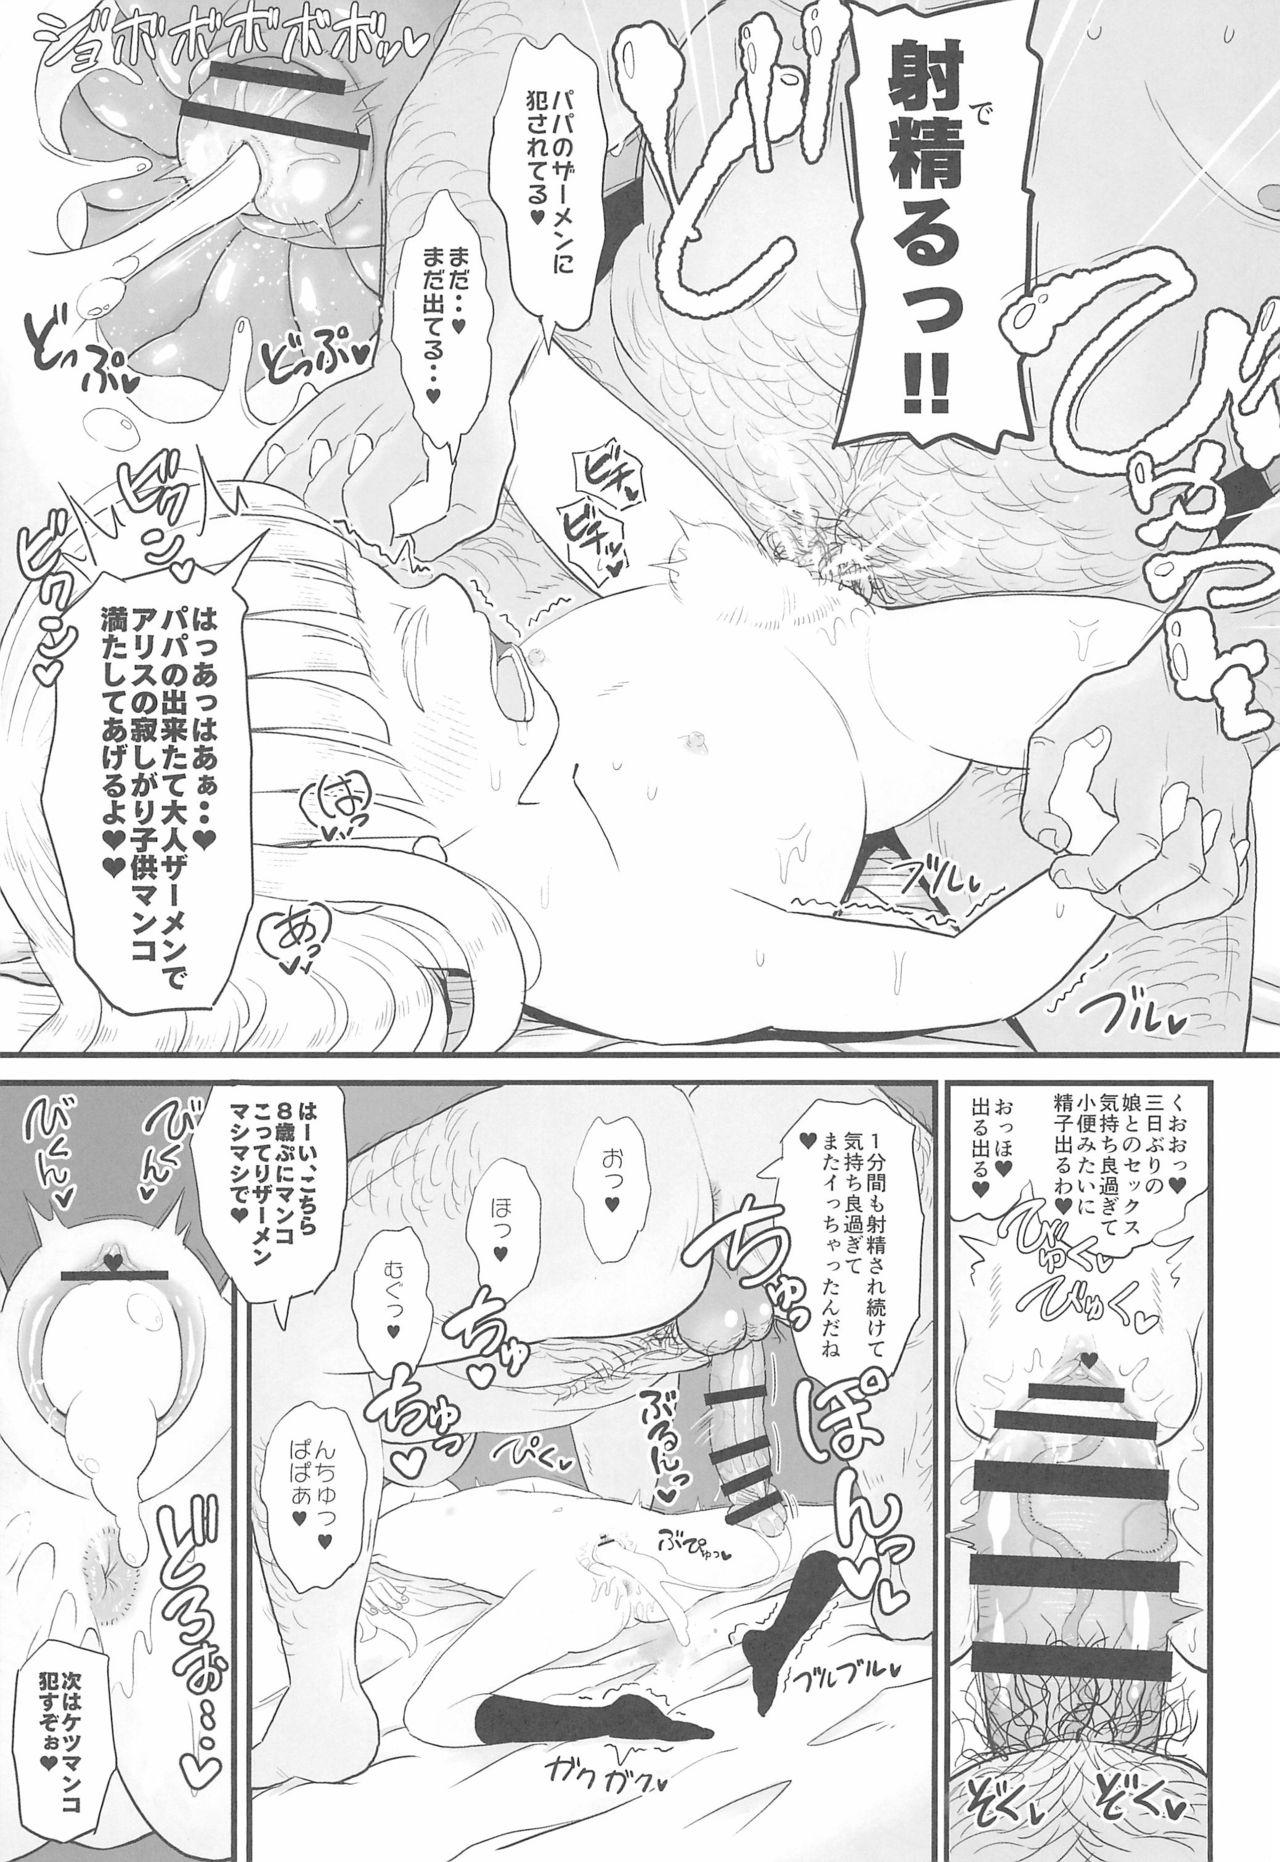 (C97) [botibotiikoka (takku)] Manamusume no Arisu-chan (8yo) ga Rippa na Chinpo-case ni Sodachimashita 20